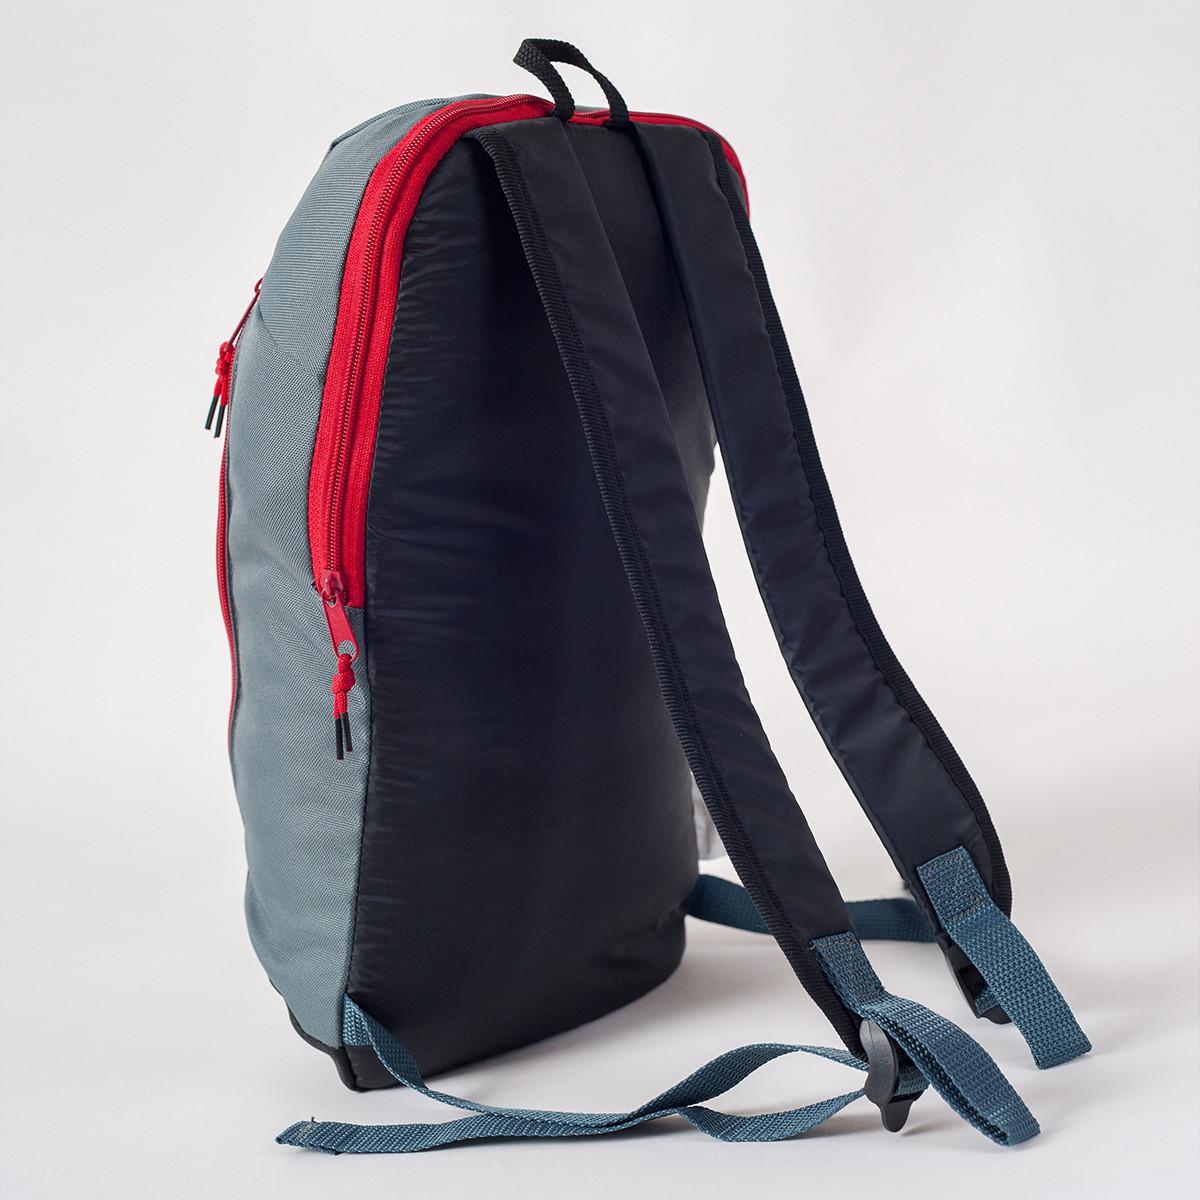 Спортивный рюкзак MAYERS 10L, серый + черный / красная молния, фото 3